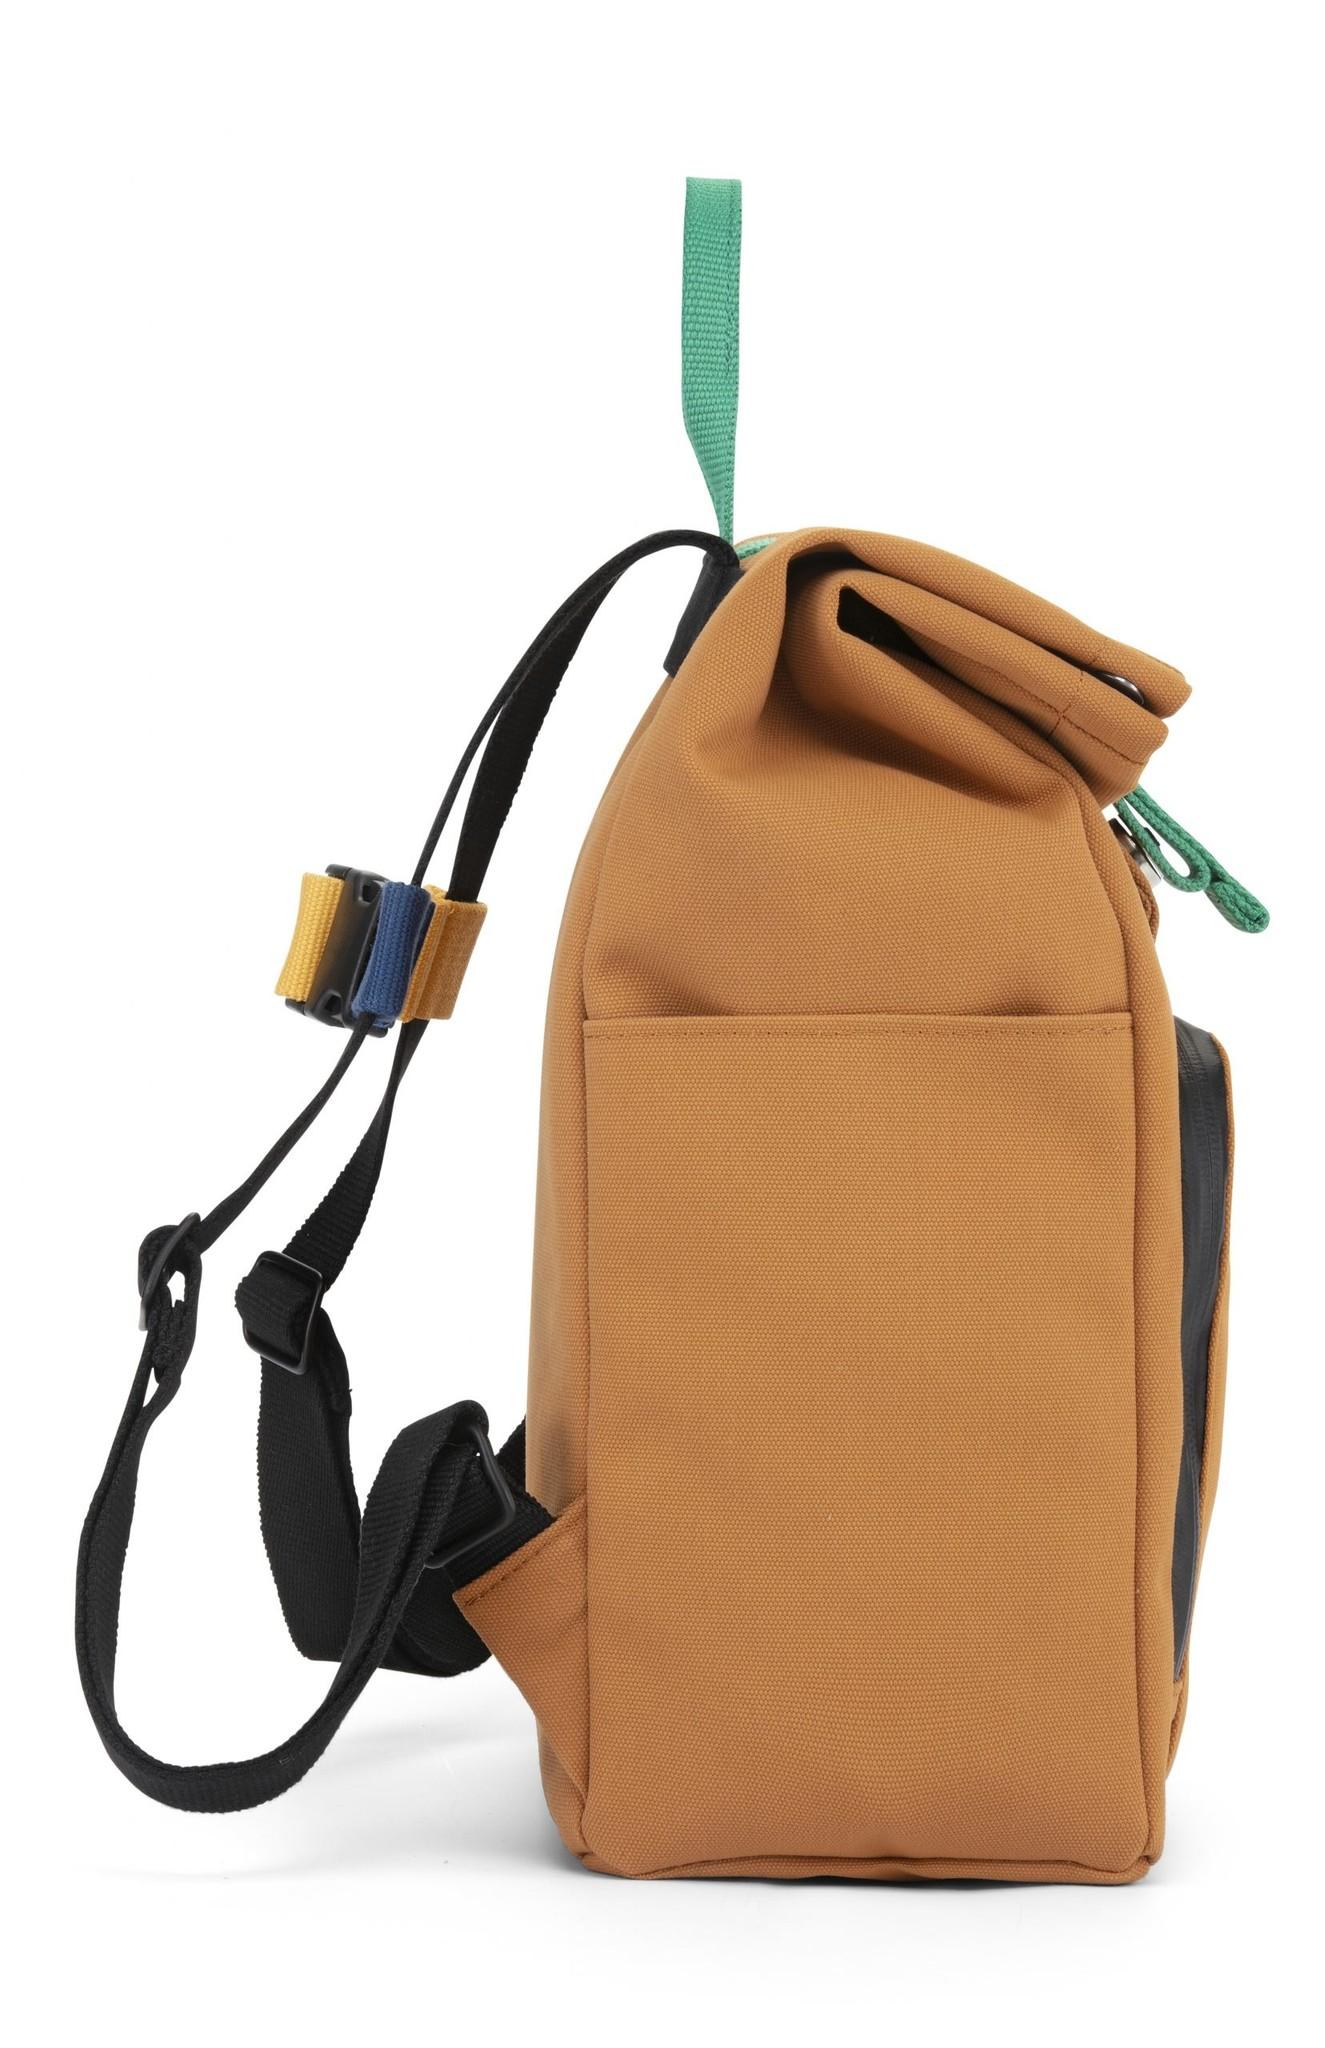 Mini Bag - Sunset Cognac / Forest Green-5